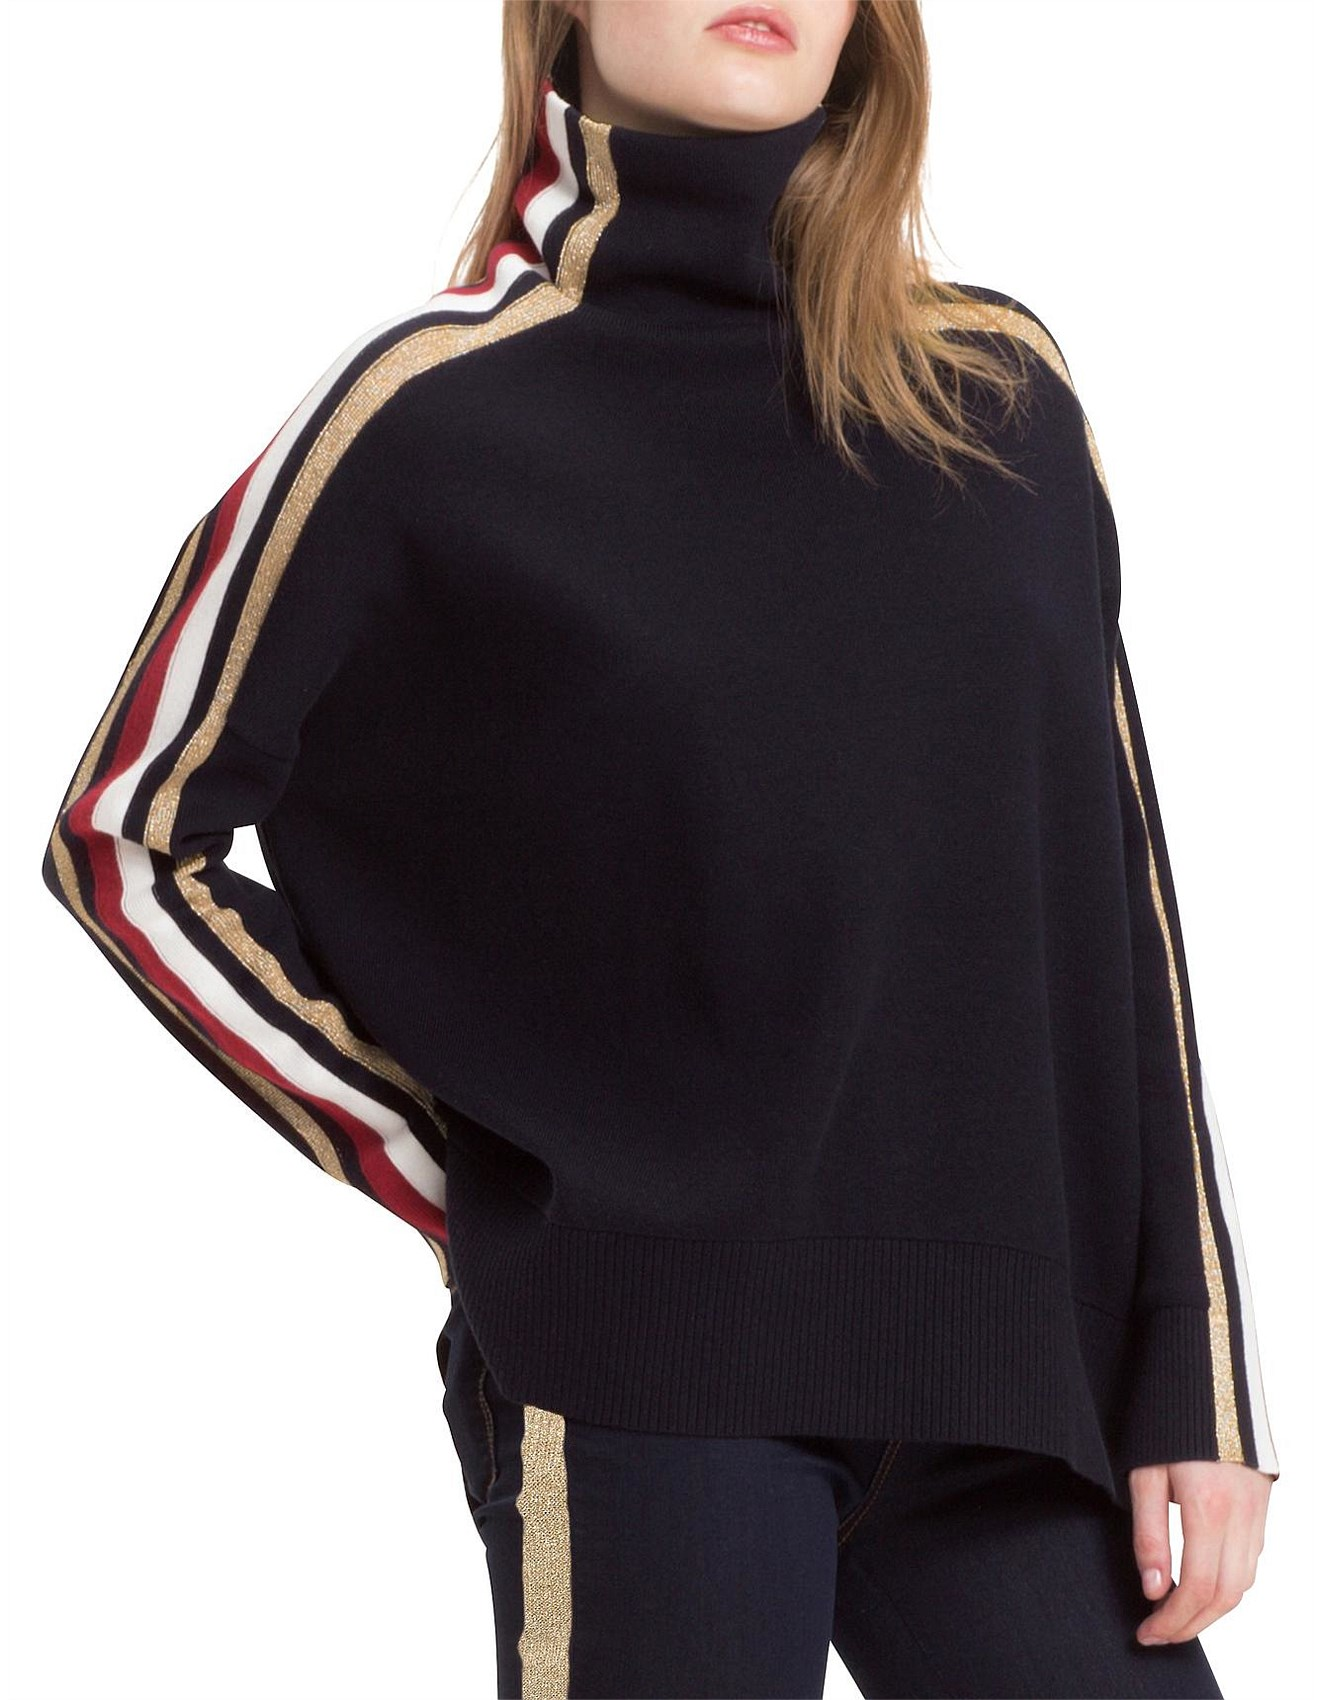 335503aec9de Women s Sweaters